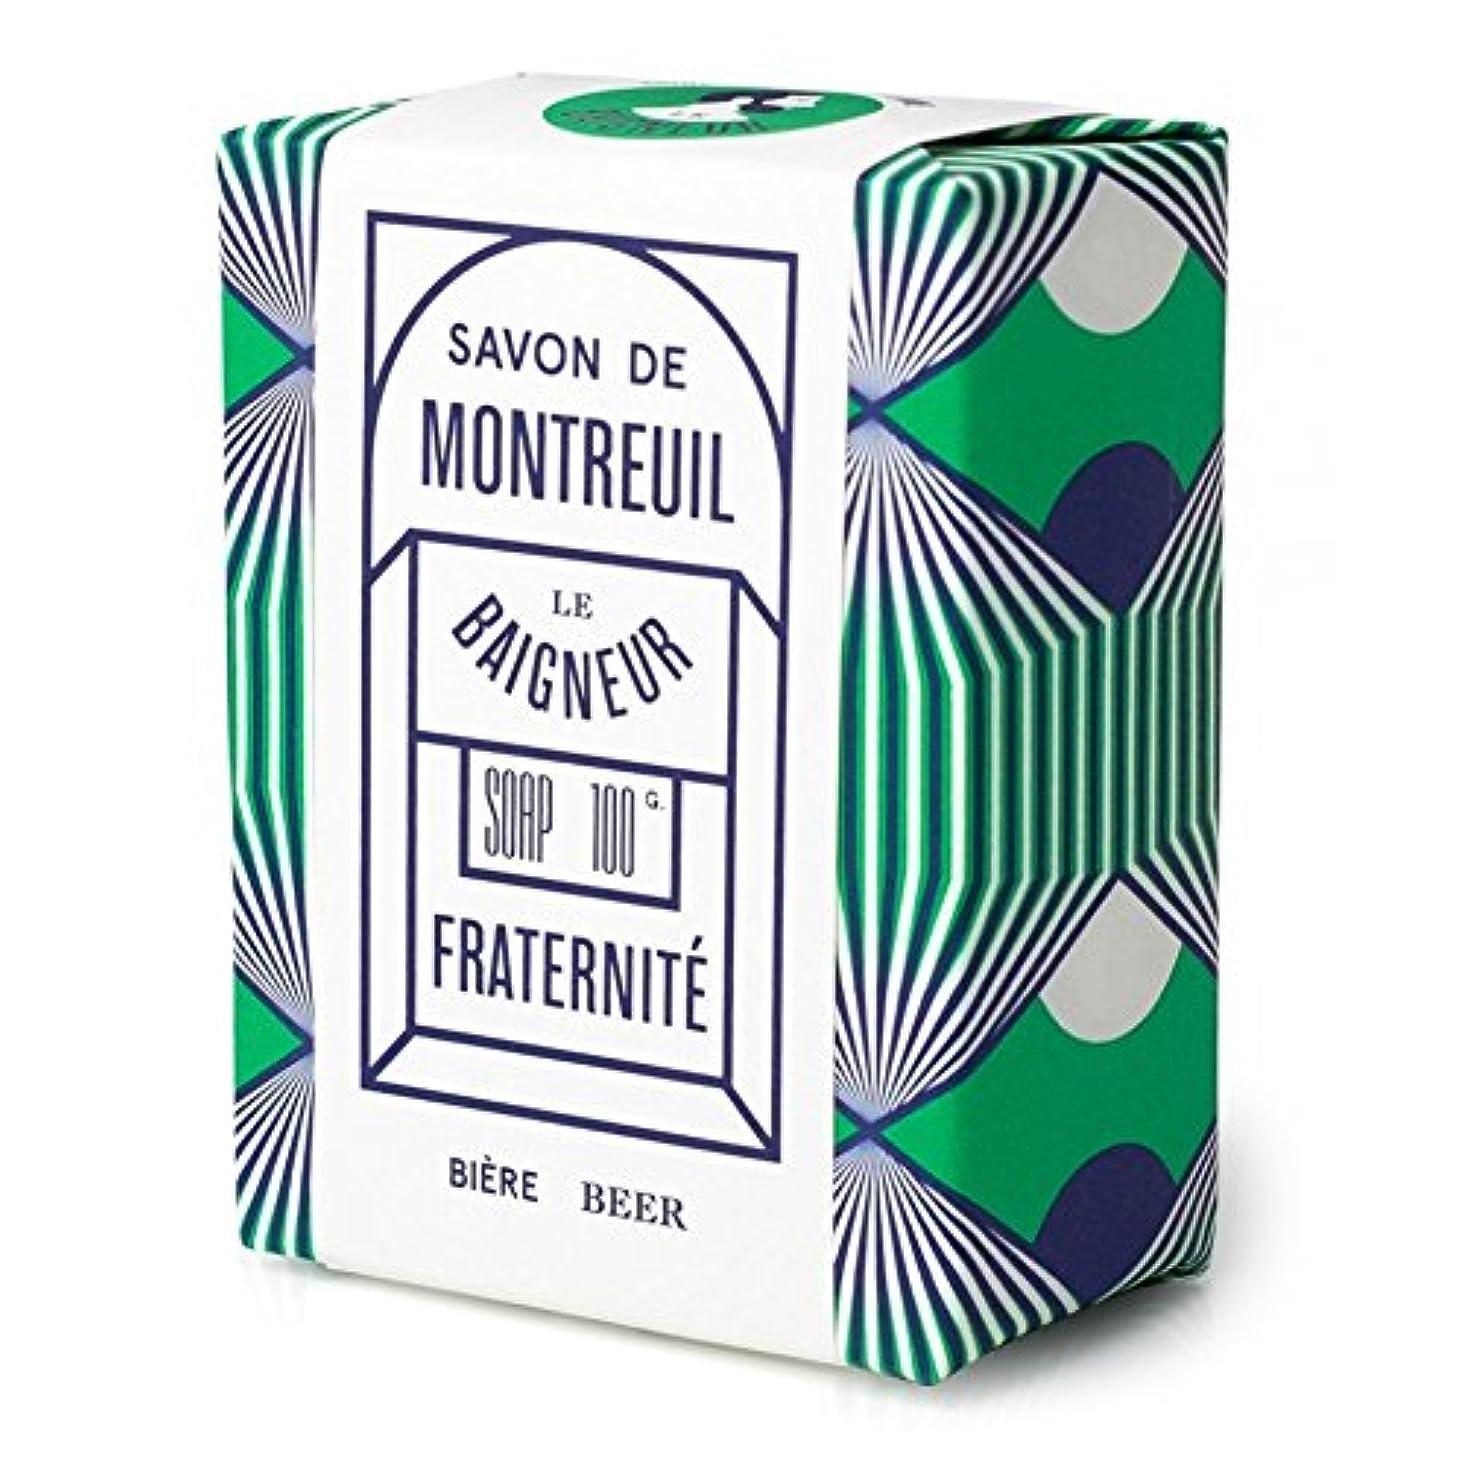 肉できないスコットランド人ル 石鹸100グラム x4 - Le Baigneur Fraternite Soap 100g (Pack of 4) [並行輸入品]